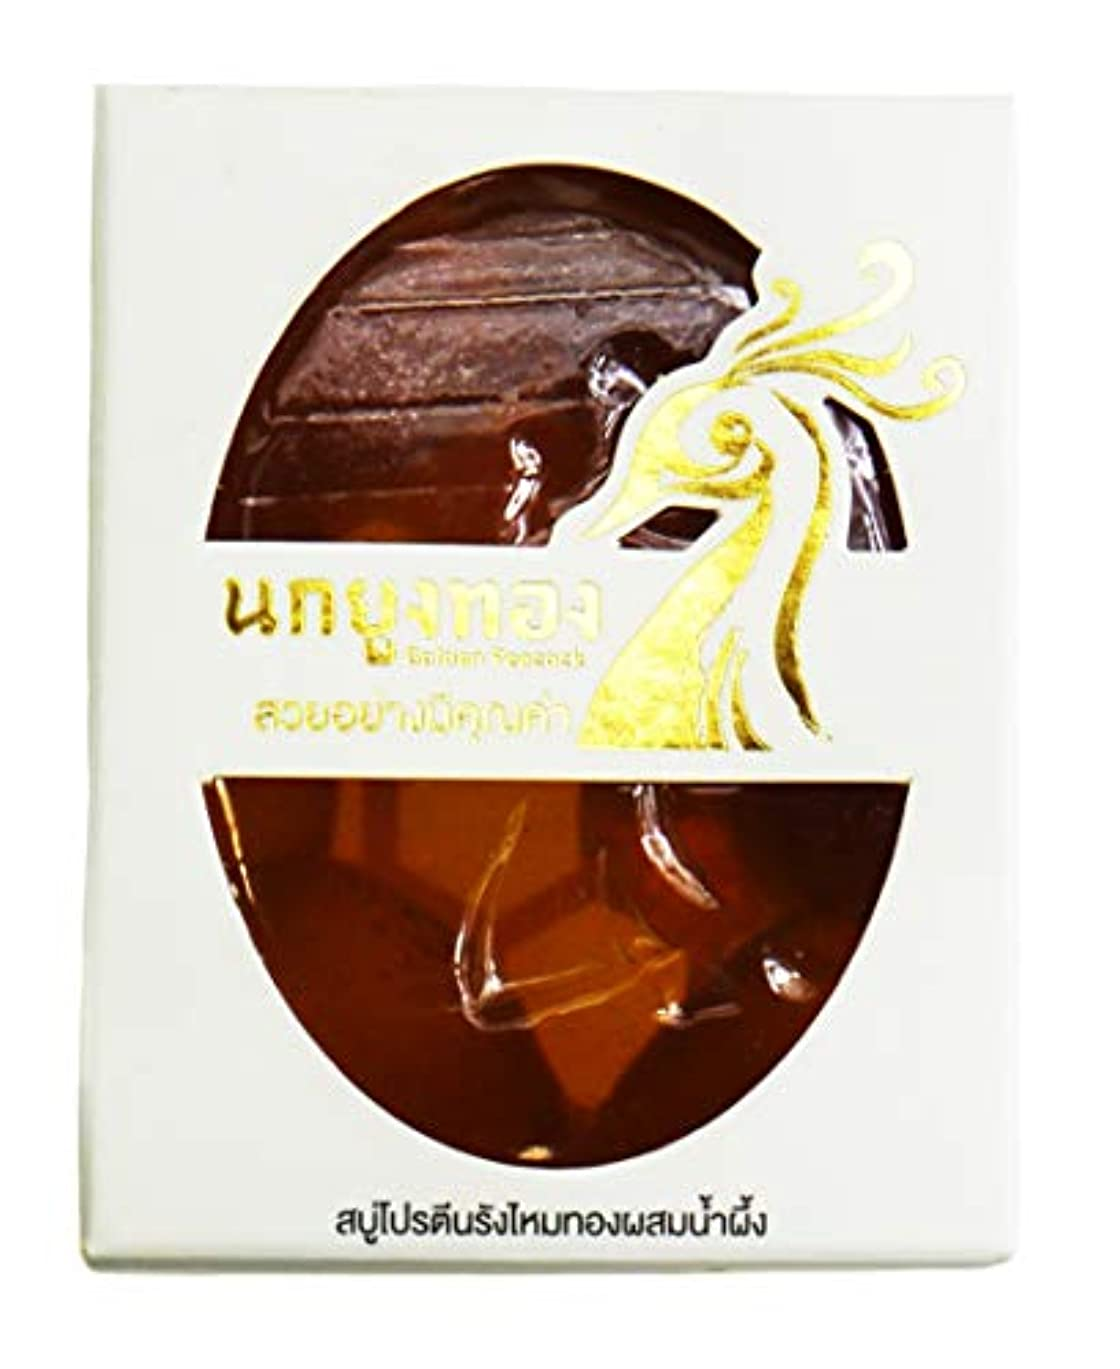 ボール殺す影響力のあるまゆ玉蜂蜜石鹸 Thai Golden Cocoon Honey Soap 黄金繭玉入蜂蜜石鹸